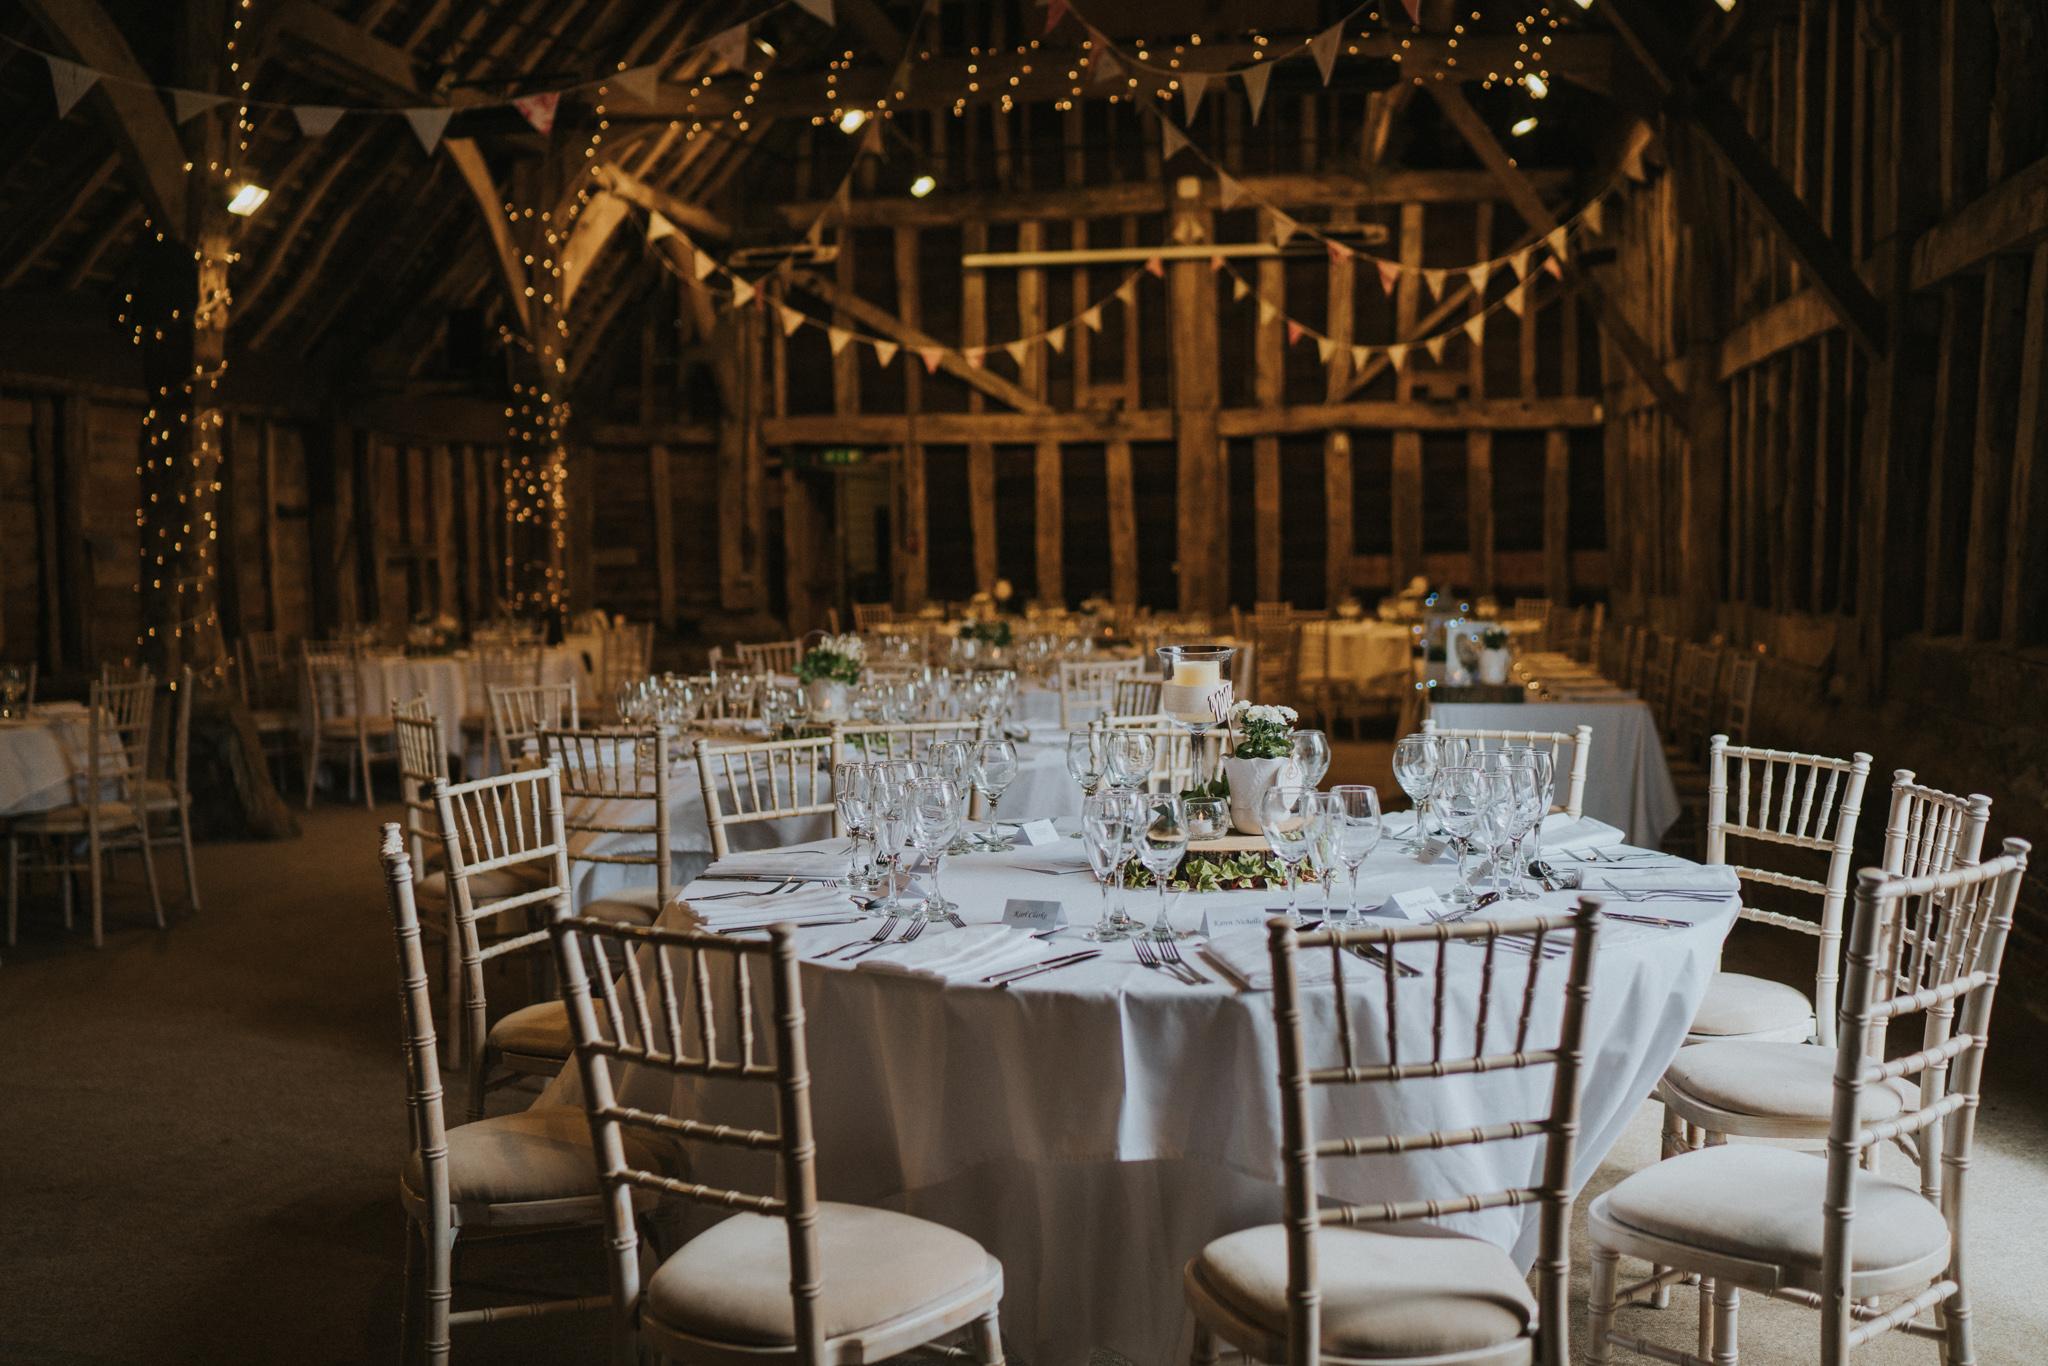 karen-tony-blackthorpe-barn-diy-wedding-grace-elizabeth-colchester-essex-alternative-wedding-lifestyle-photographer-essex-suffolk-norfolk-devon (32 of 35).jpg